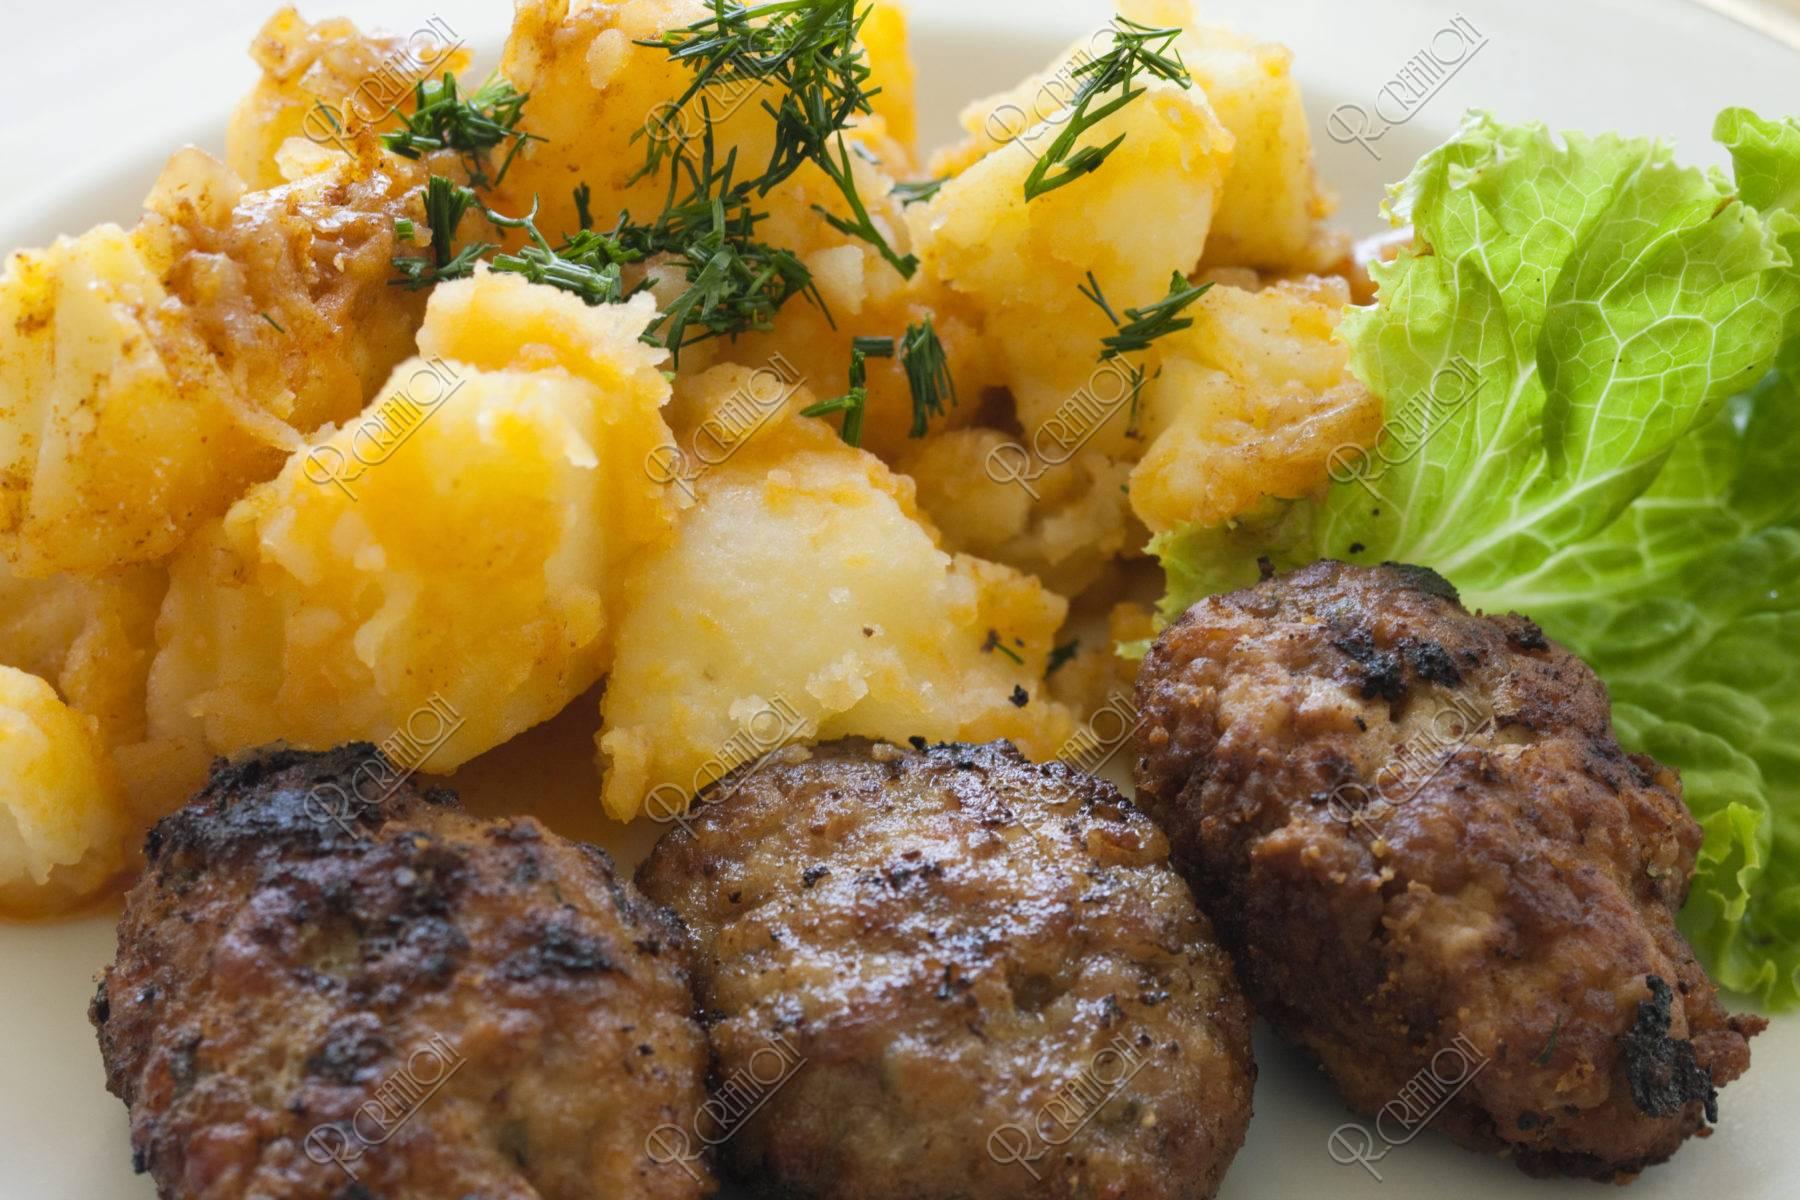 ルーマニア料理 ミティティ